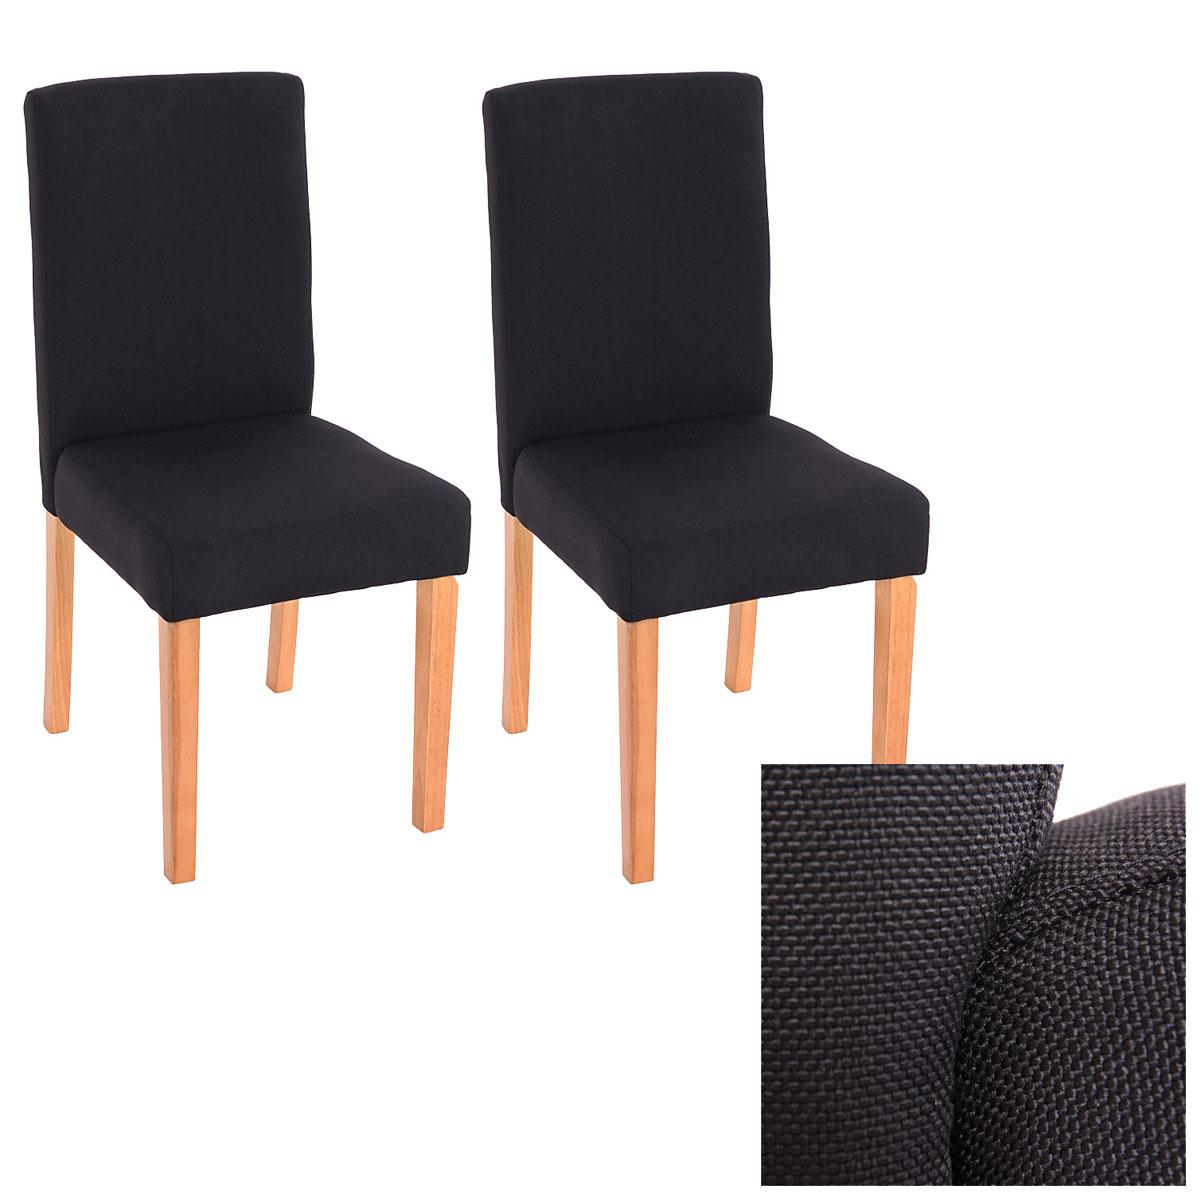 Set 2x sedie littau tessuto per sala da pranzo 43x56x90cm - Sedie per sala da pranzo ...